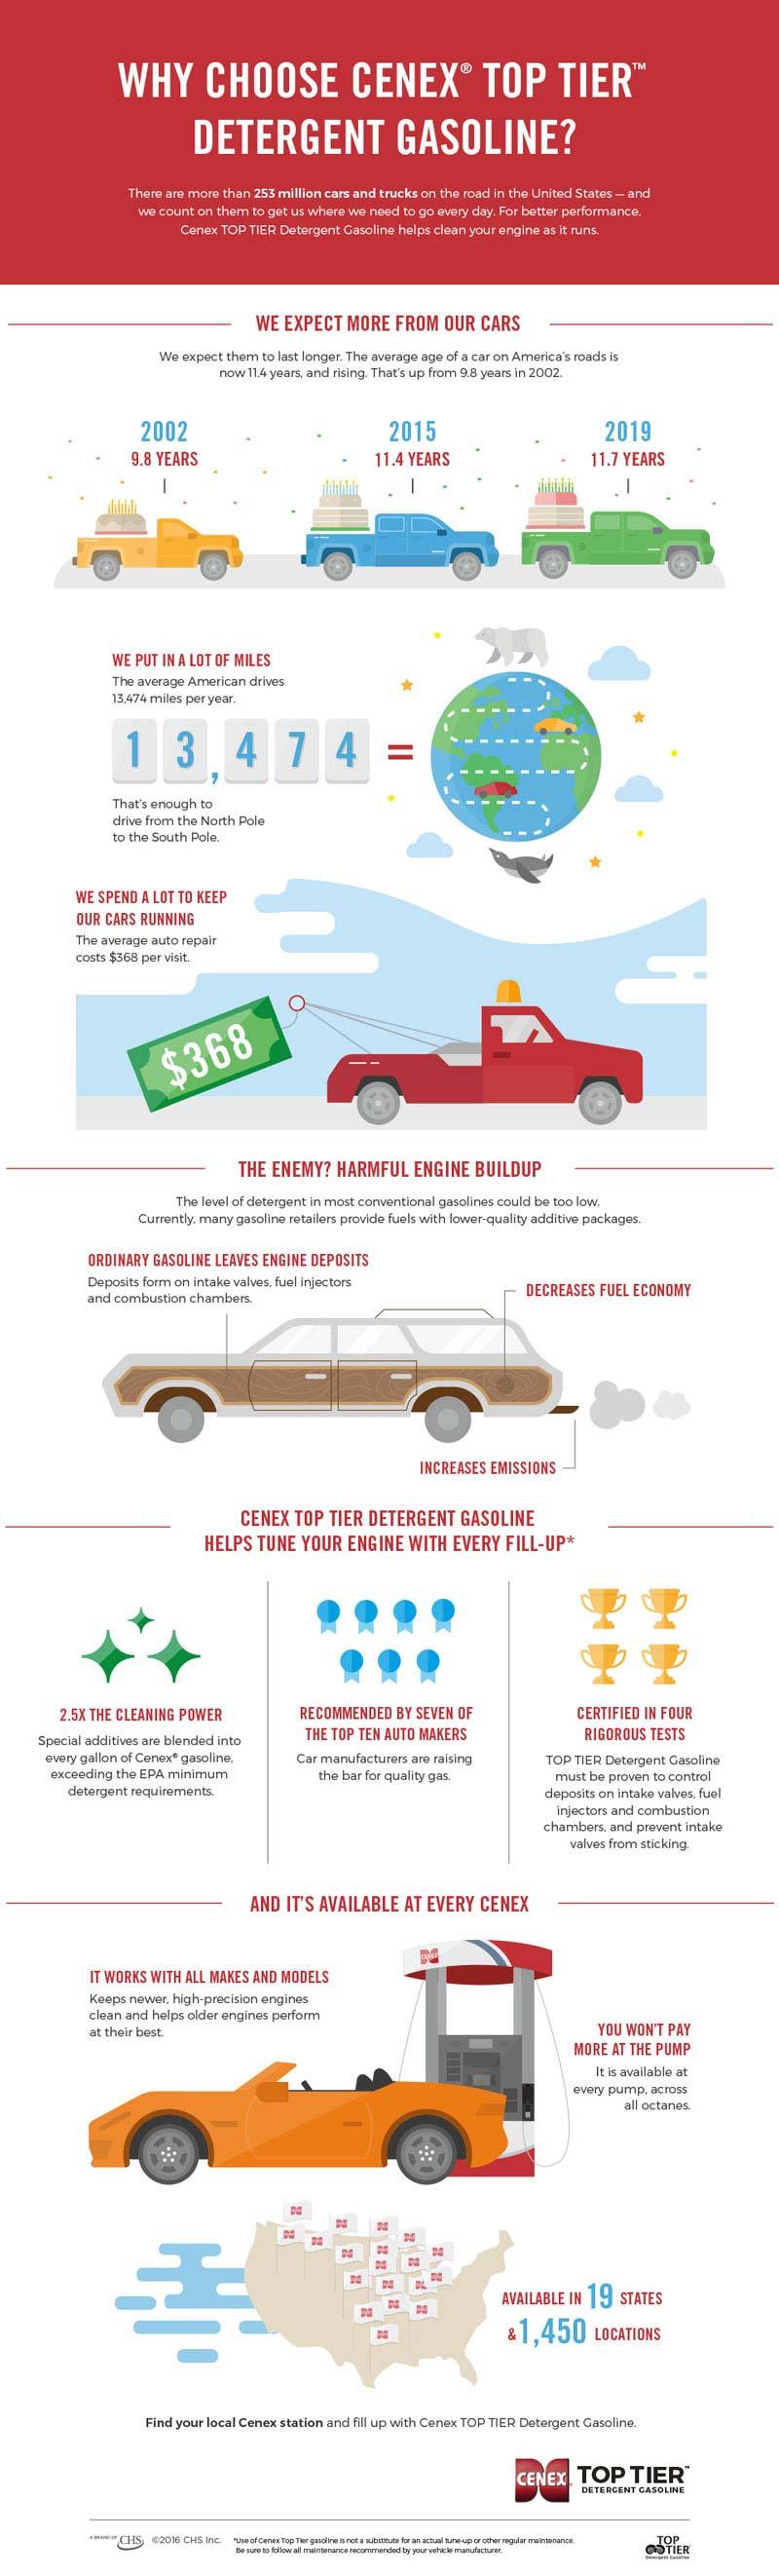 Top Tier Detergent Gasoline >> Top Tier